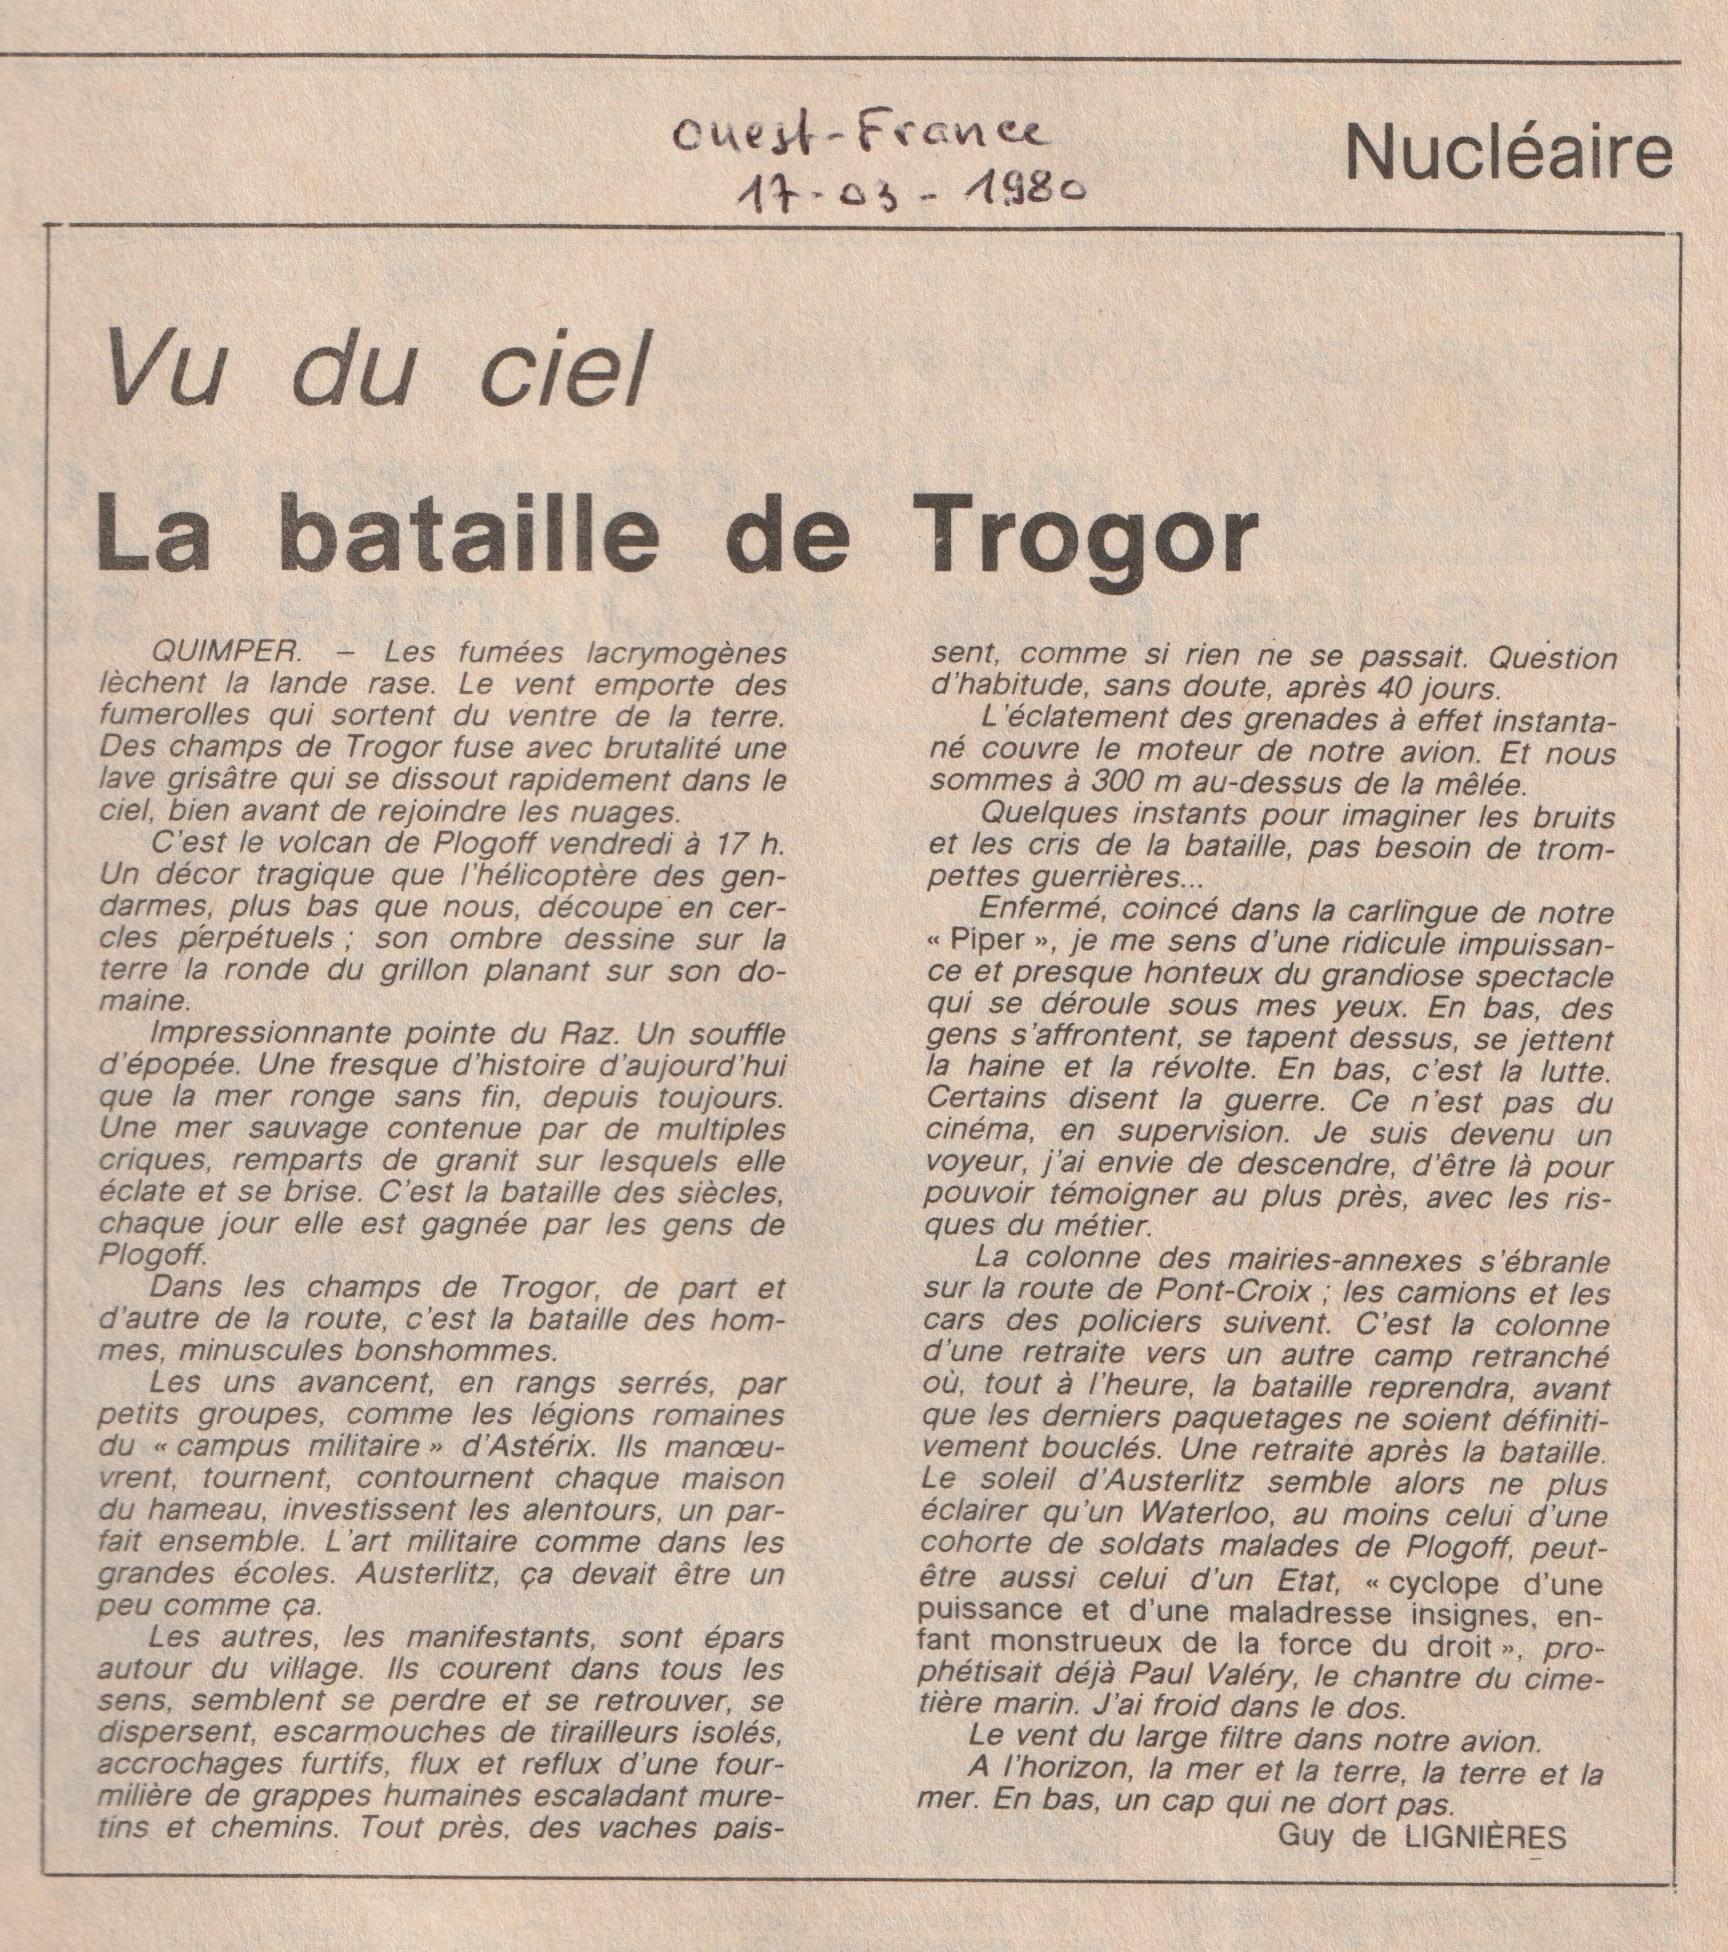 Enquête_La_bataille_de_Trogor_17-03-80